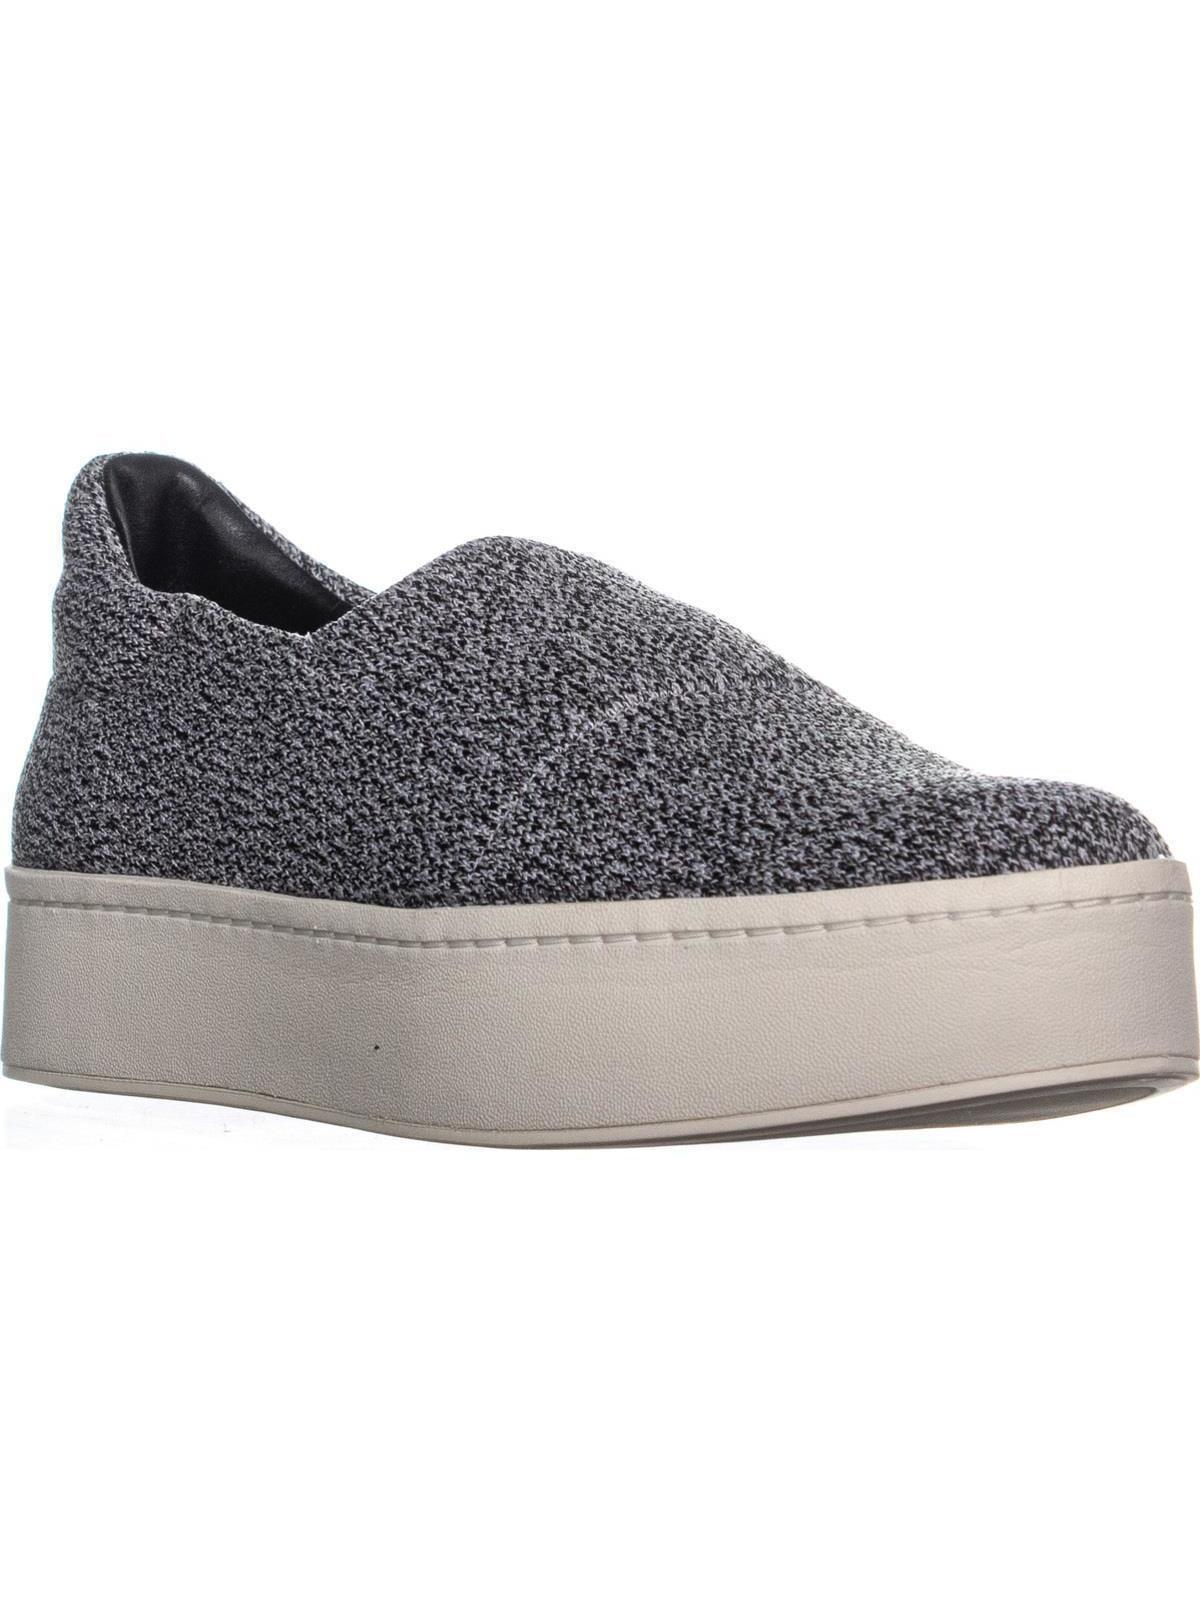 Vince - walsh platform sneakers